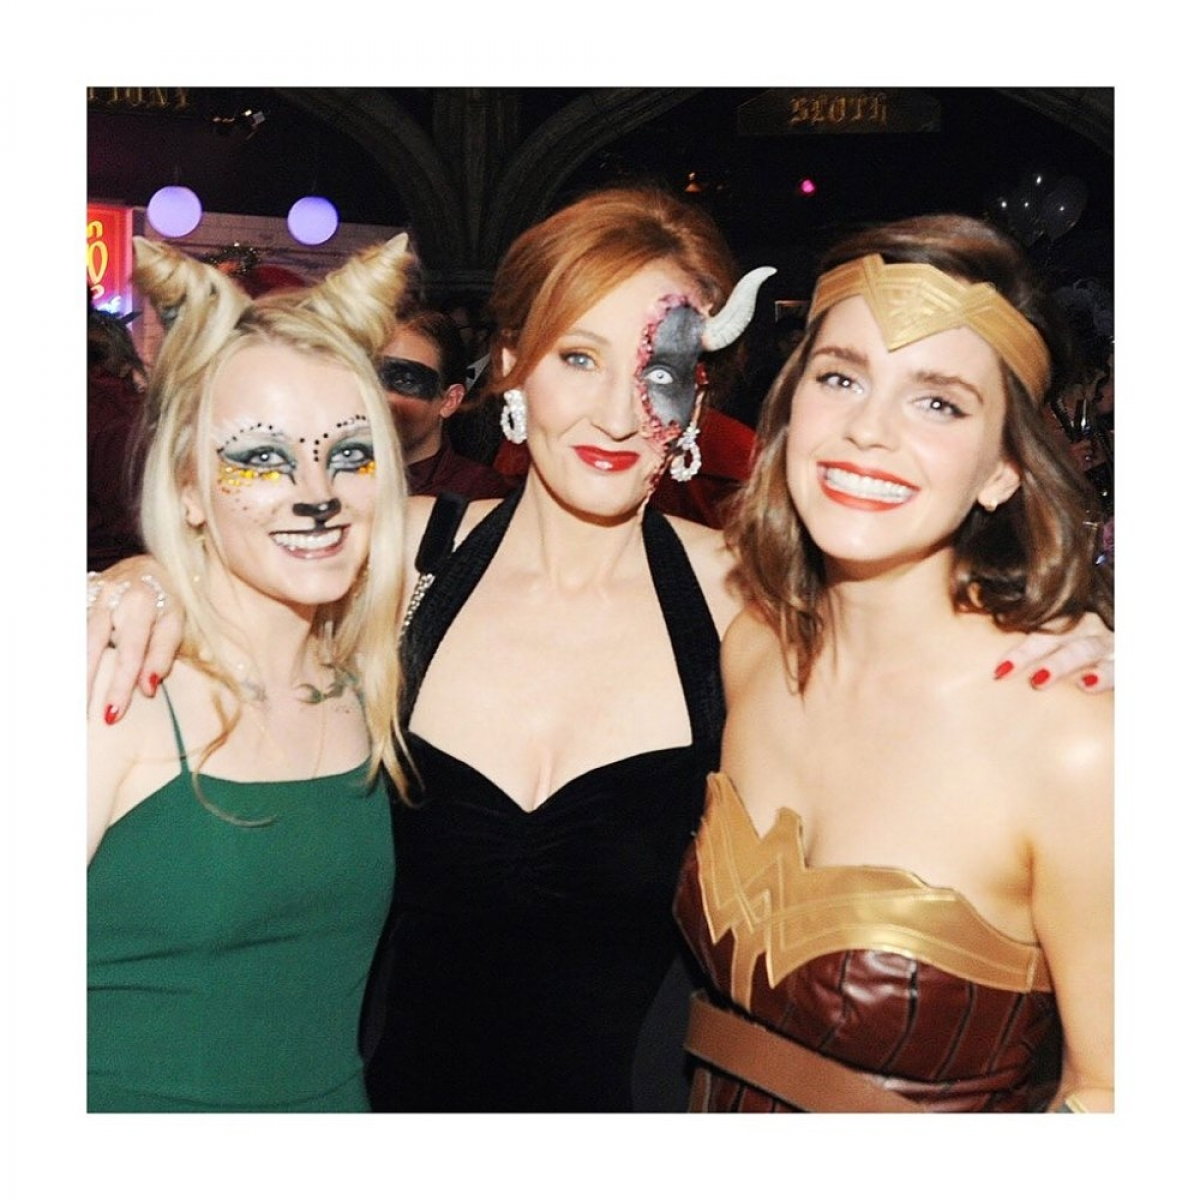 Tháng 7/2019, Emma Watson có một kỷ niệm đáng nhớ với tác giả bộ truyện J.K Rowling và bạn diễn Lynch trong một bữa tiệc hóa trang.